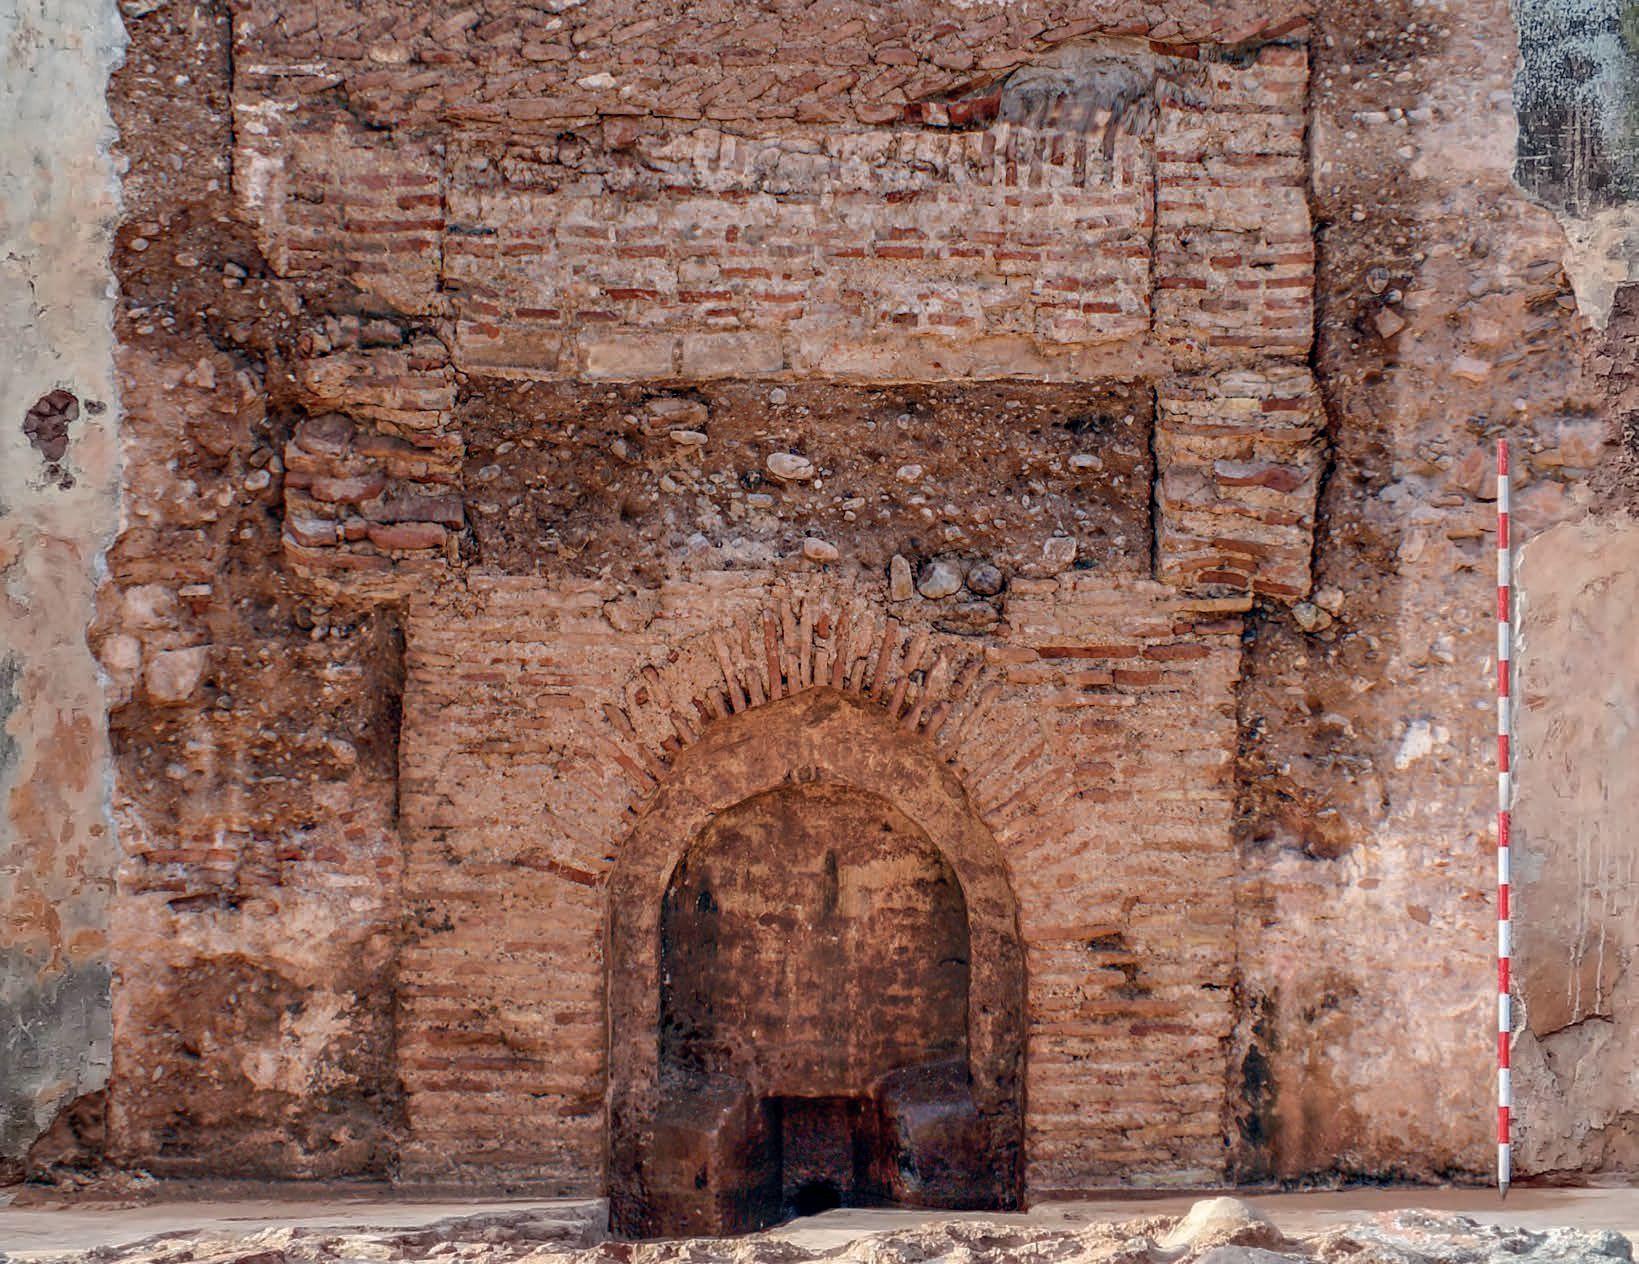 Agdal de Marrakech. Alberca de Dar al-Hana. Alzado de la embocadura oriental del frente norte del vaso de la alberca.